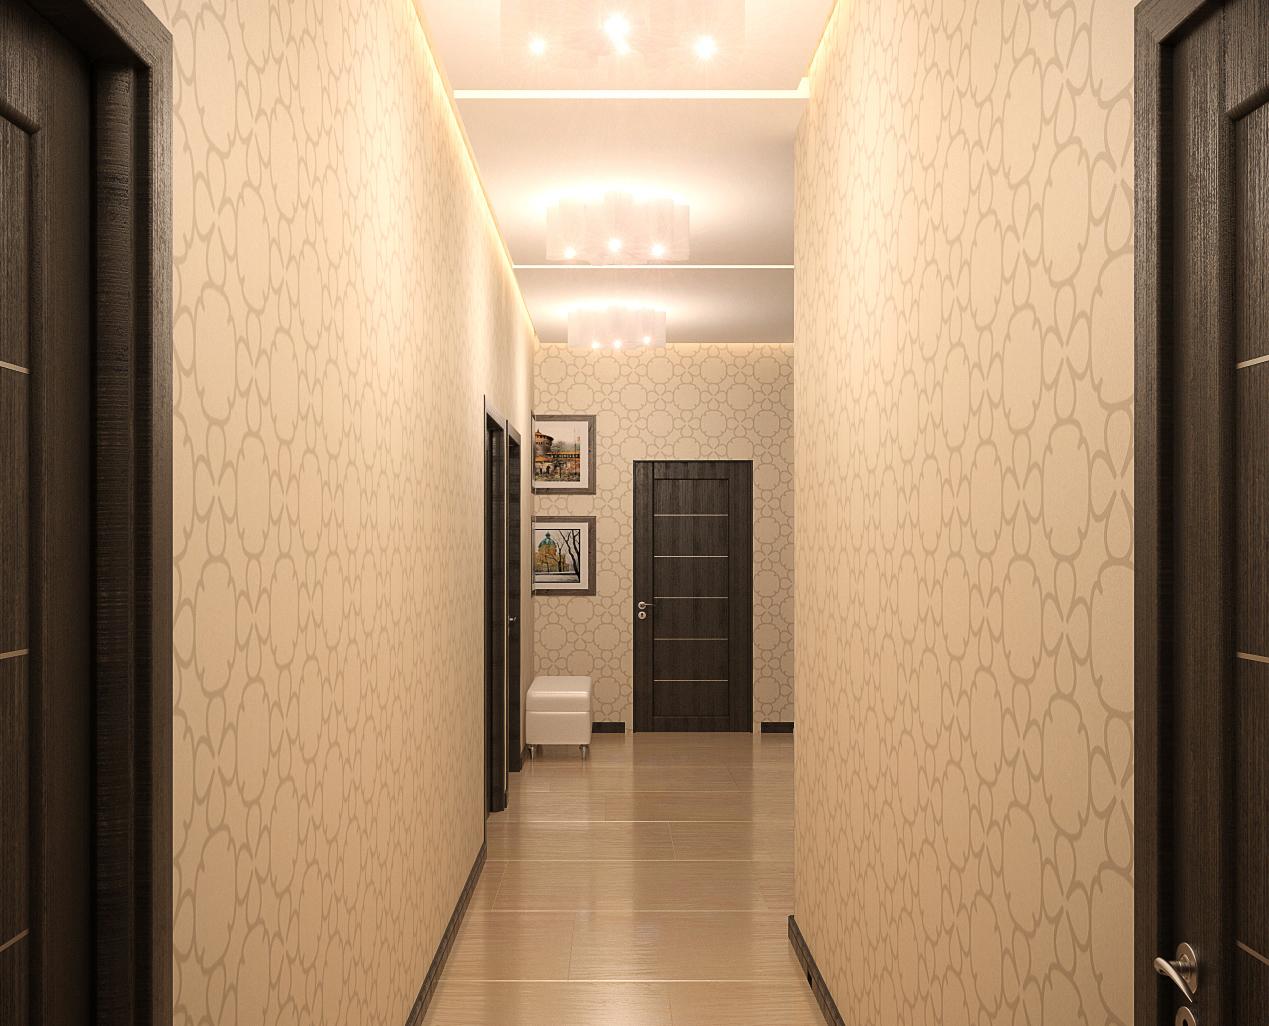 Современный интерьер дизайн в современном стиле квартиры